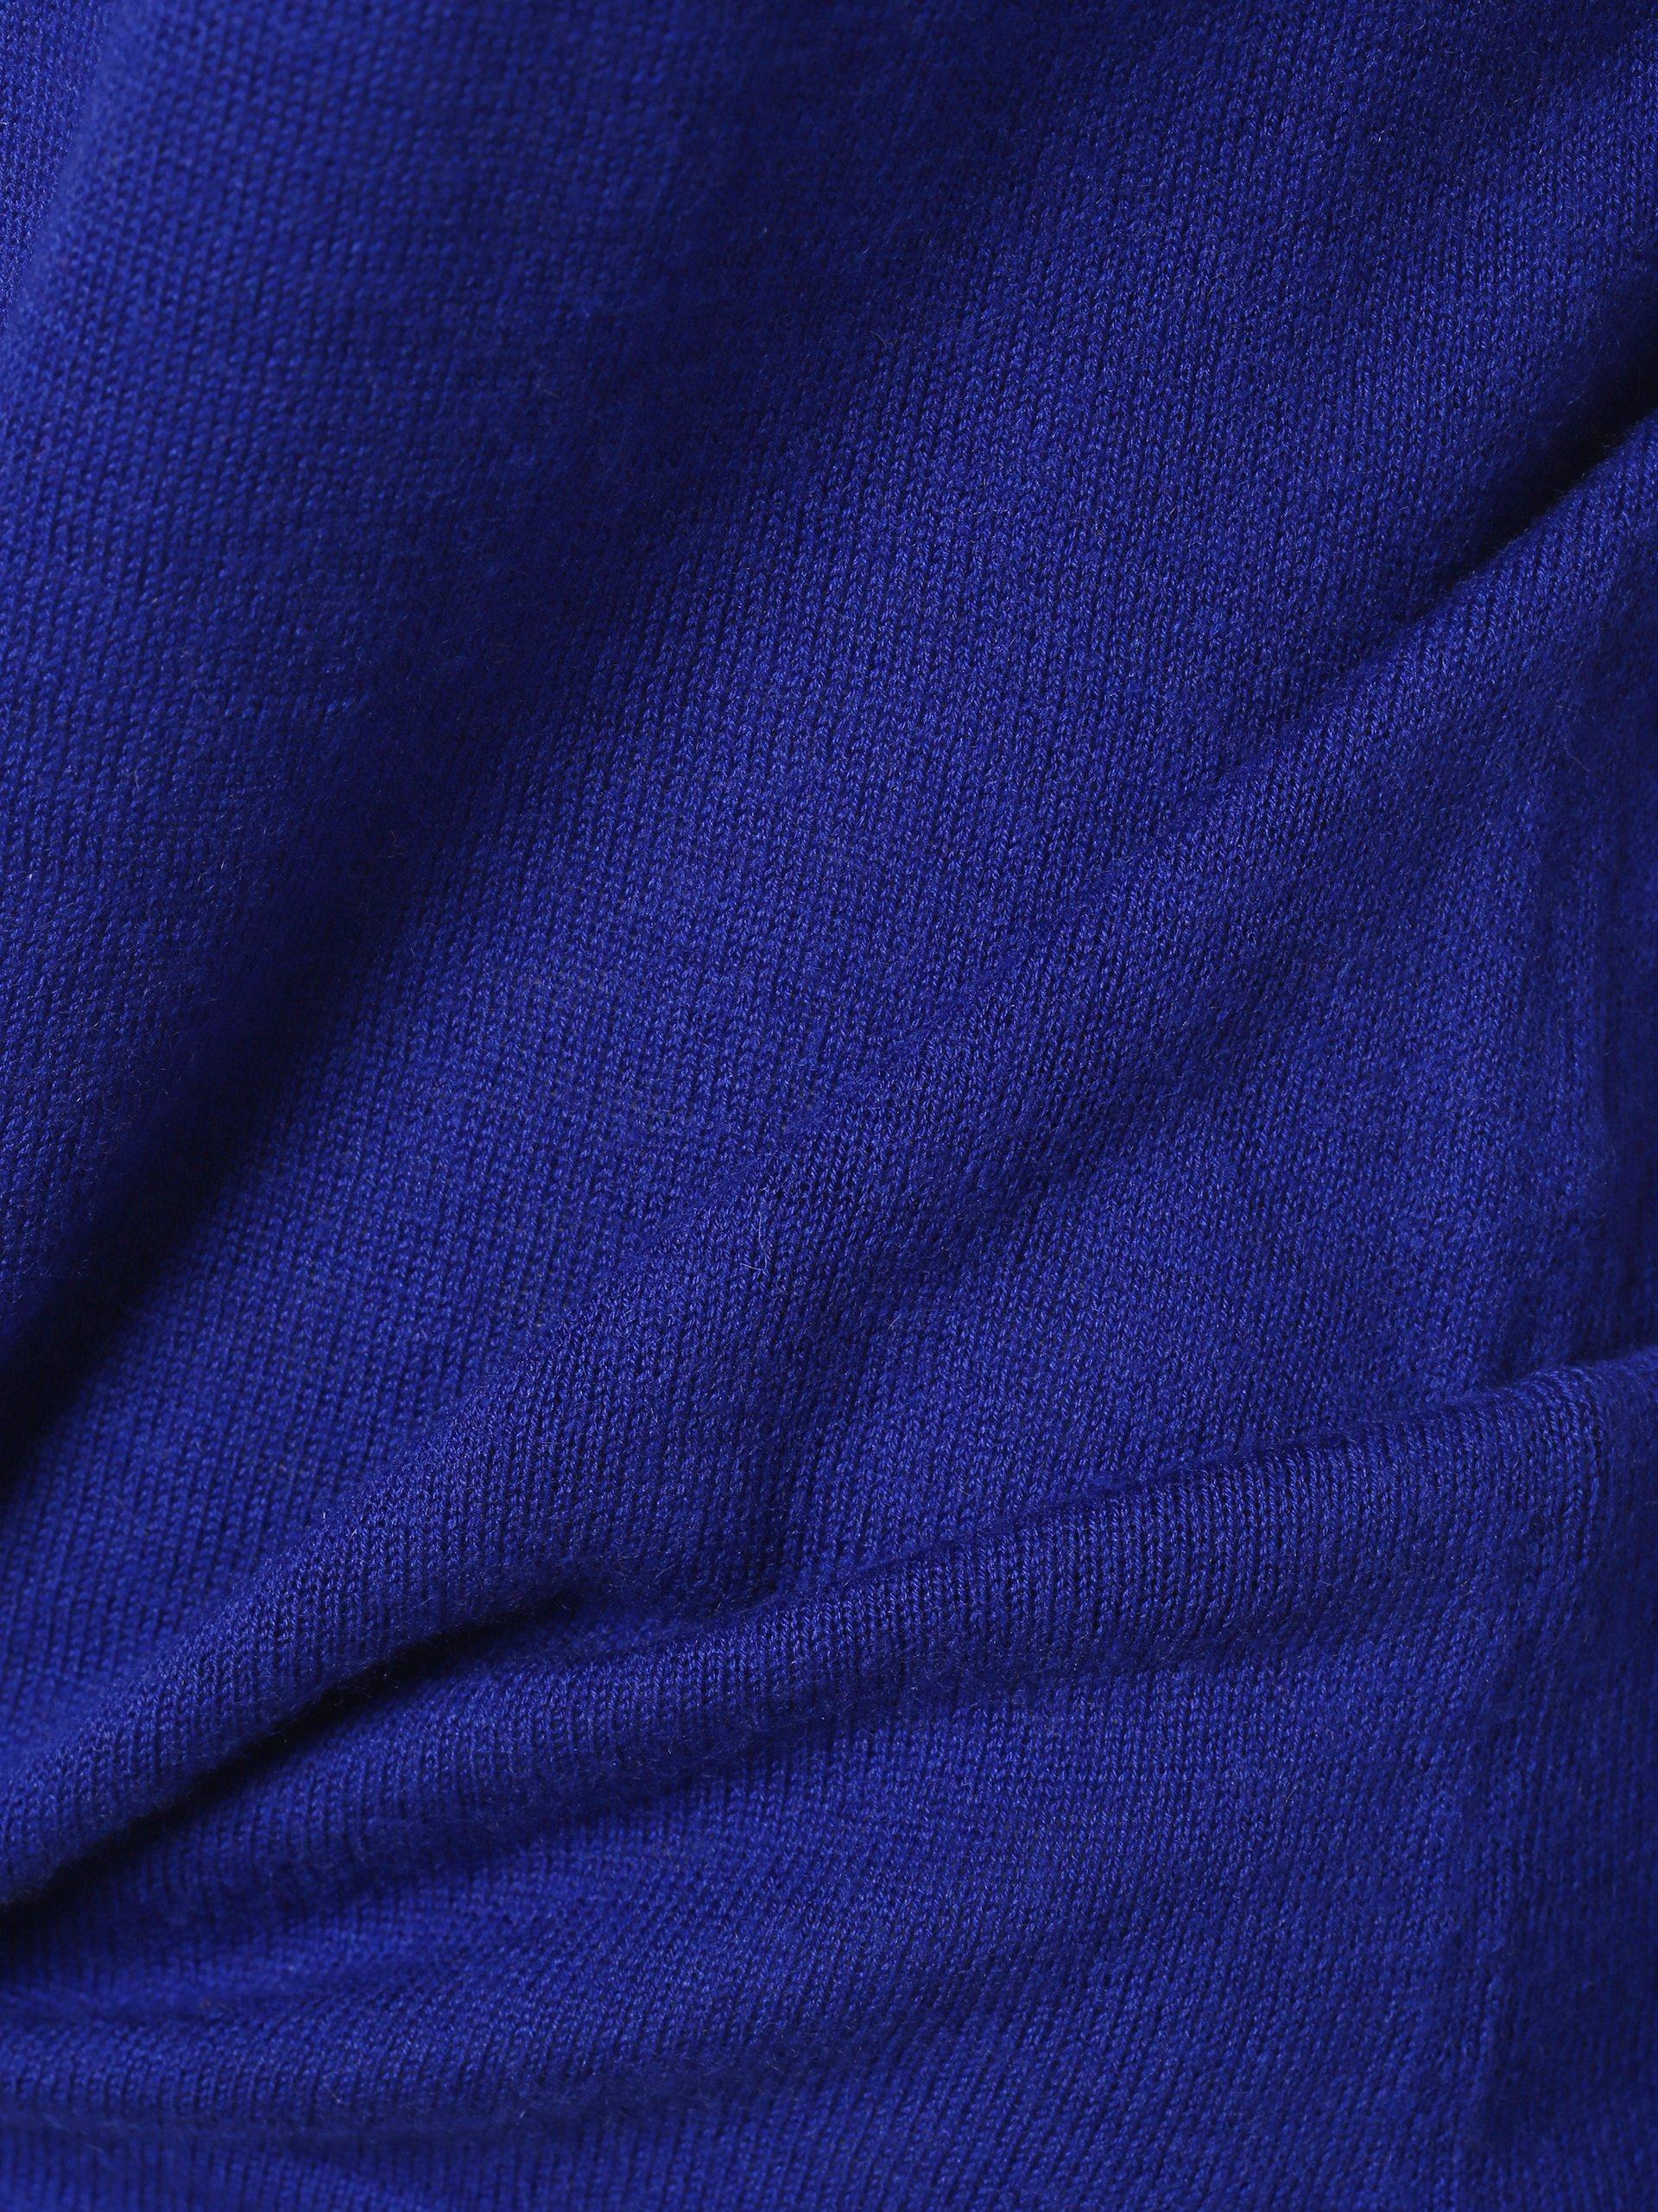 Marc Cain Collections Damen Pullover mit Seiden- und Cashmere-Anteil